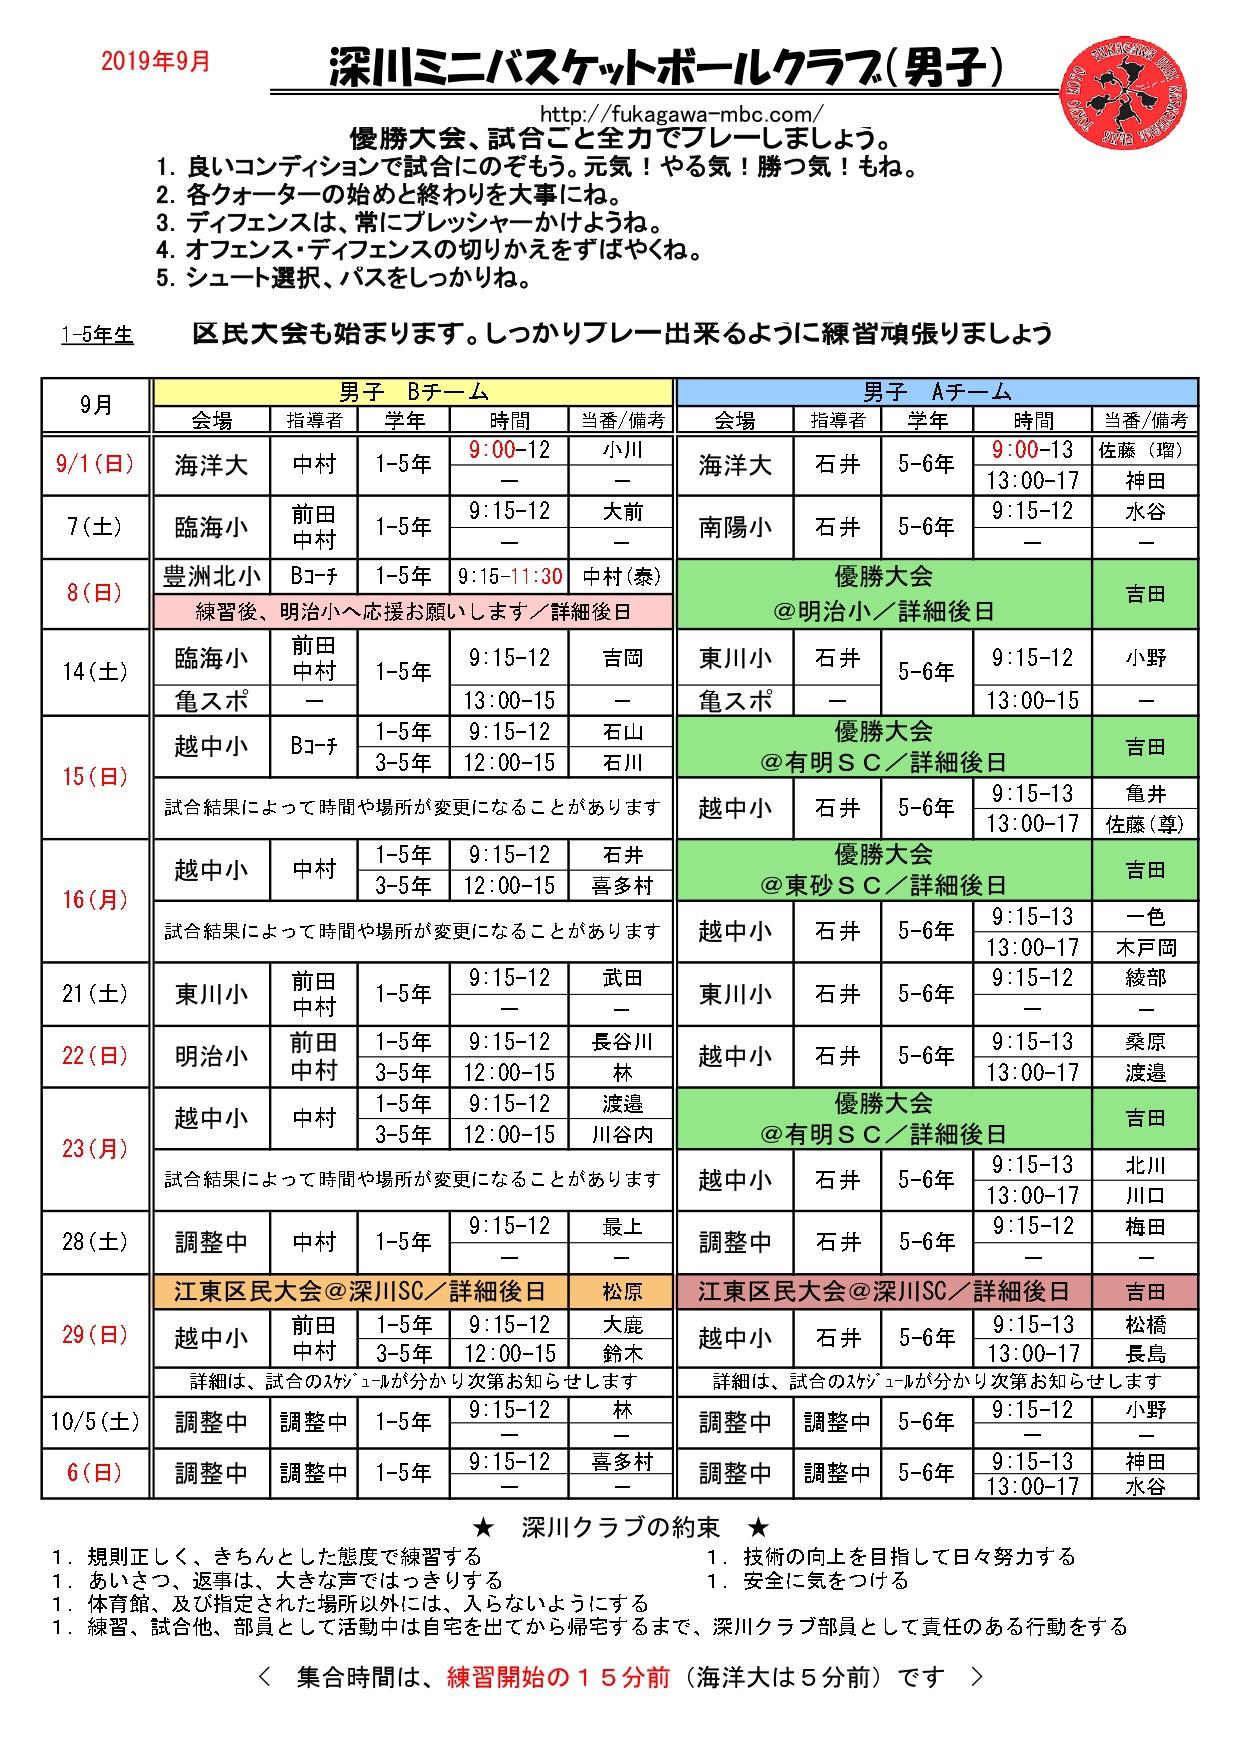 46B47C15-D779-434A-A0CB-6783BD9806F1